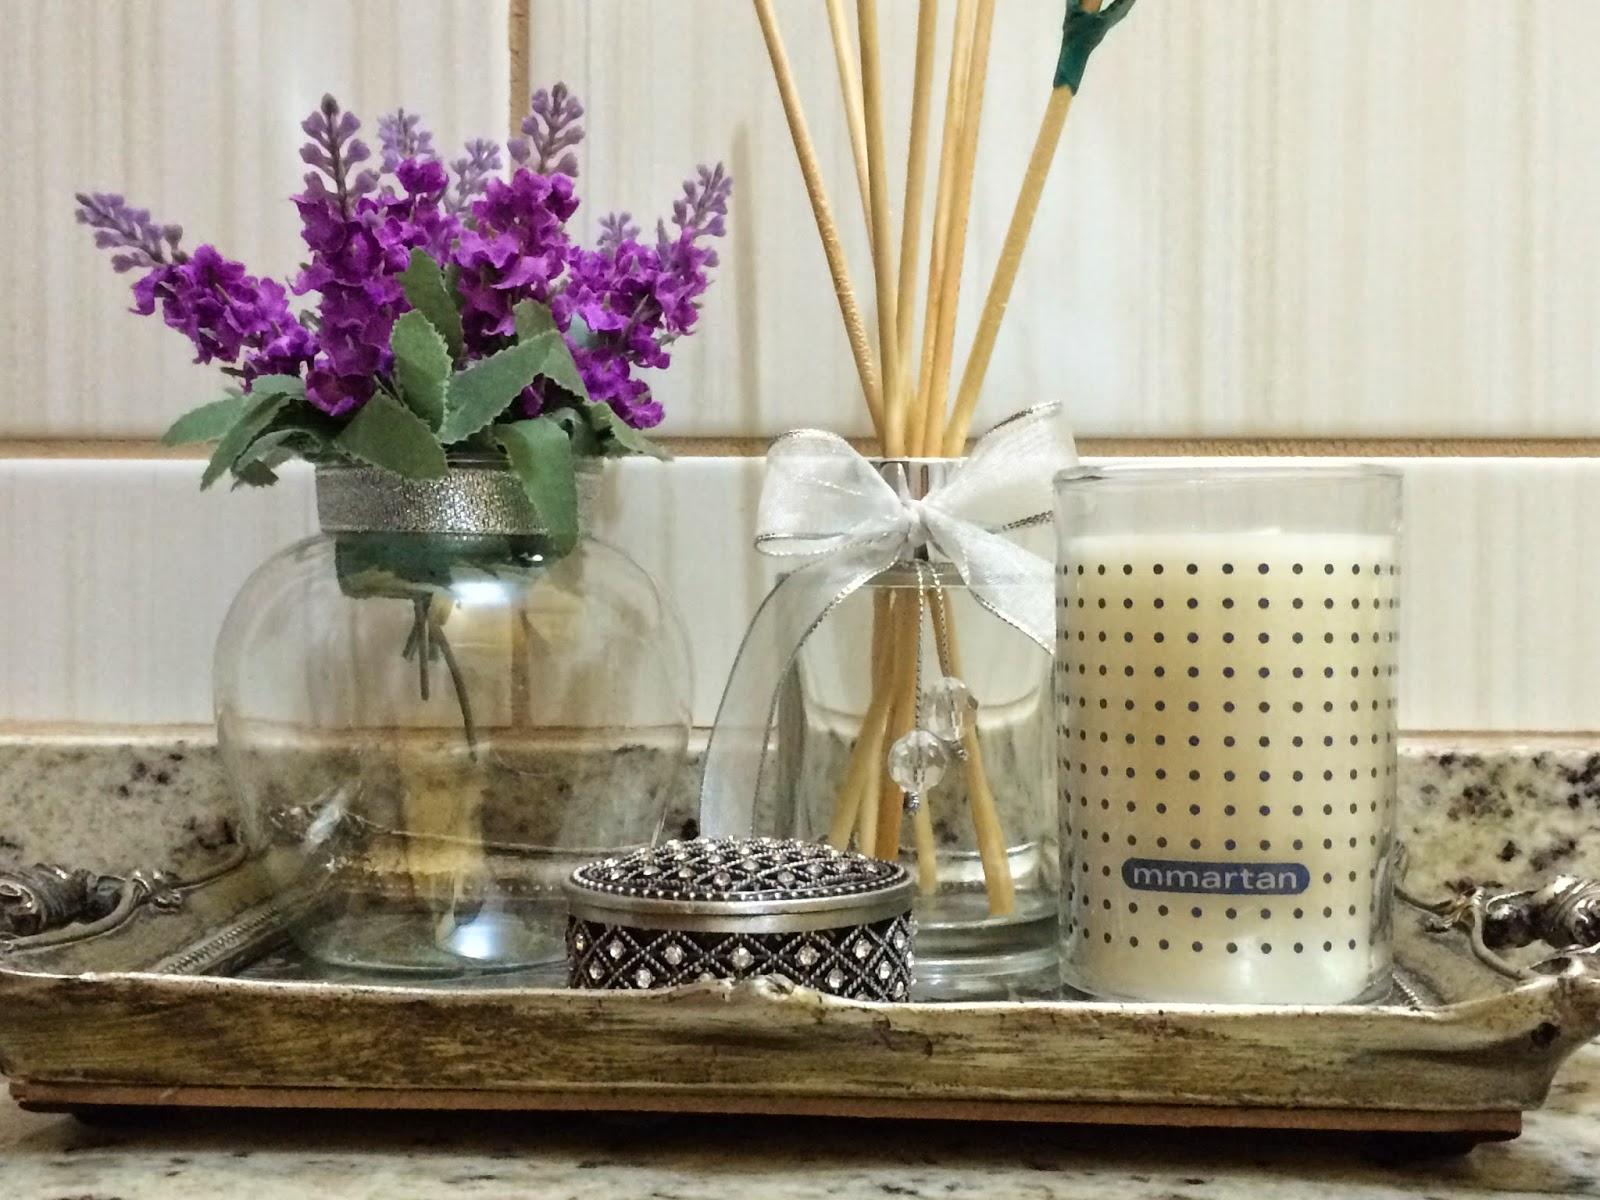 decoracao bandeja lavabo : decoracao bandeja lavabo:Eu amo velas na decoração e quando elas são aromáticas melhor